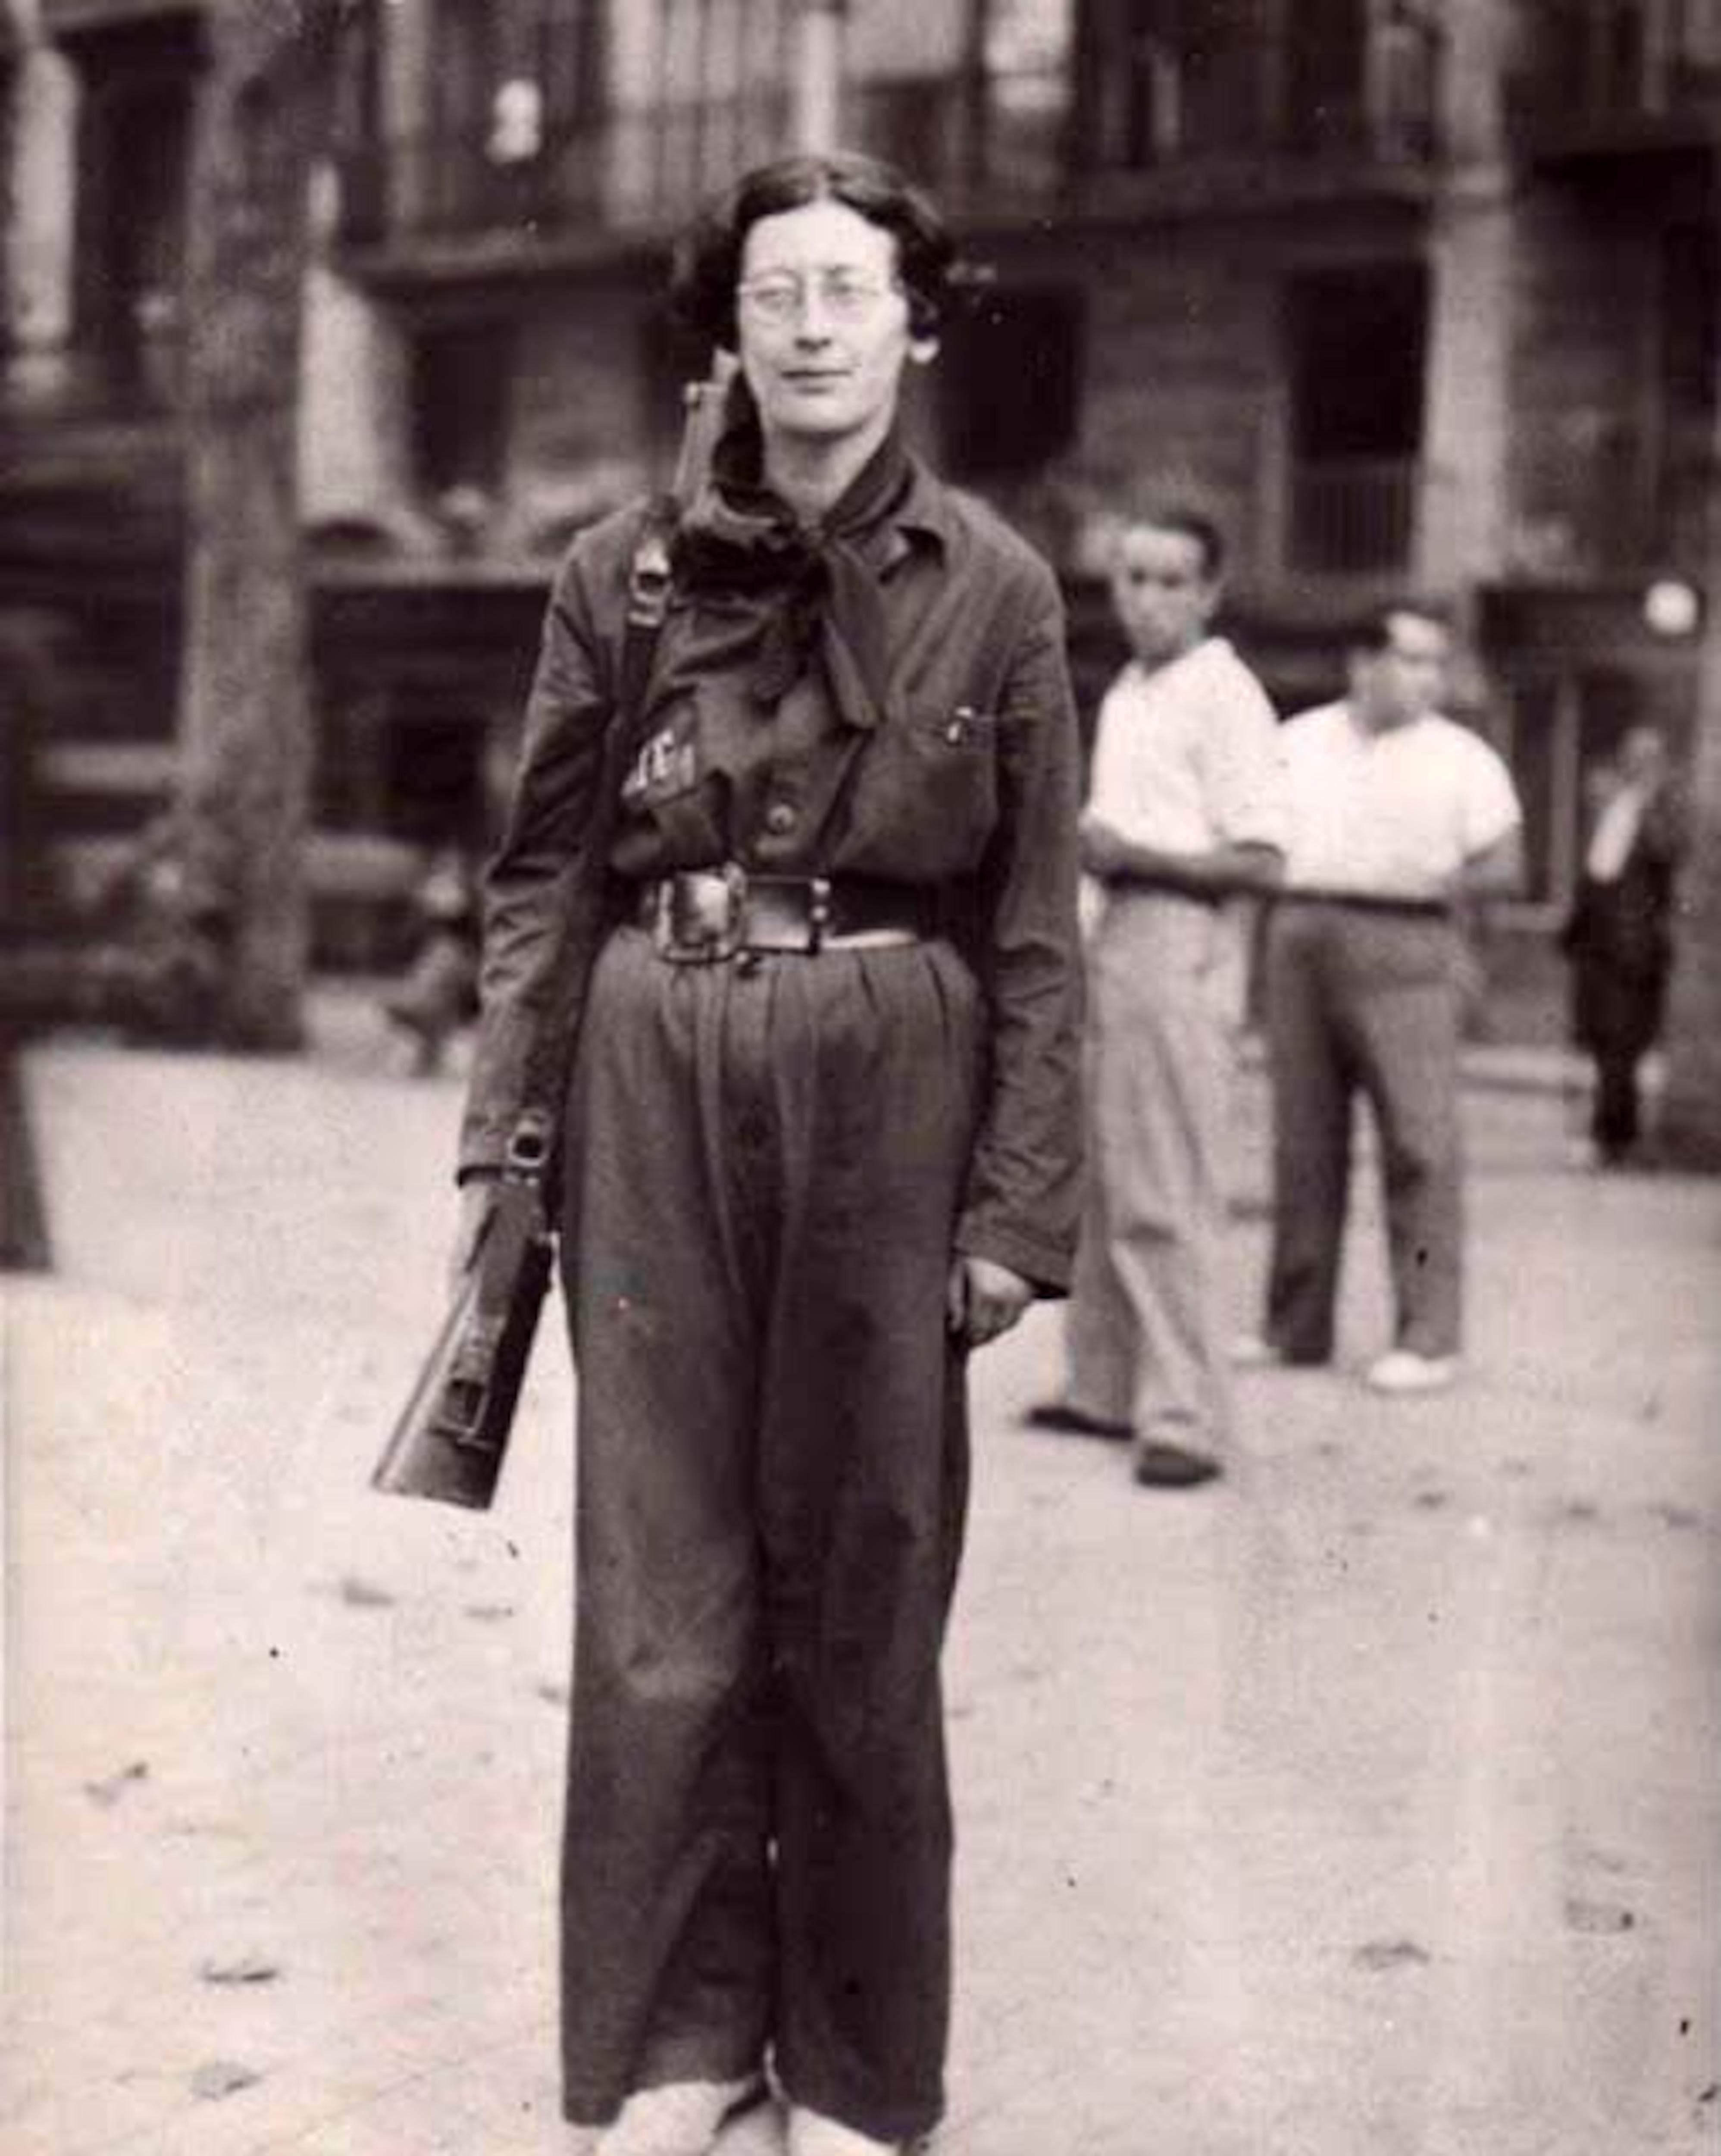 Une femme est debout avec une arme en bandoulière. Deux hommes sont en arrière champ.